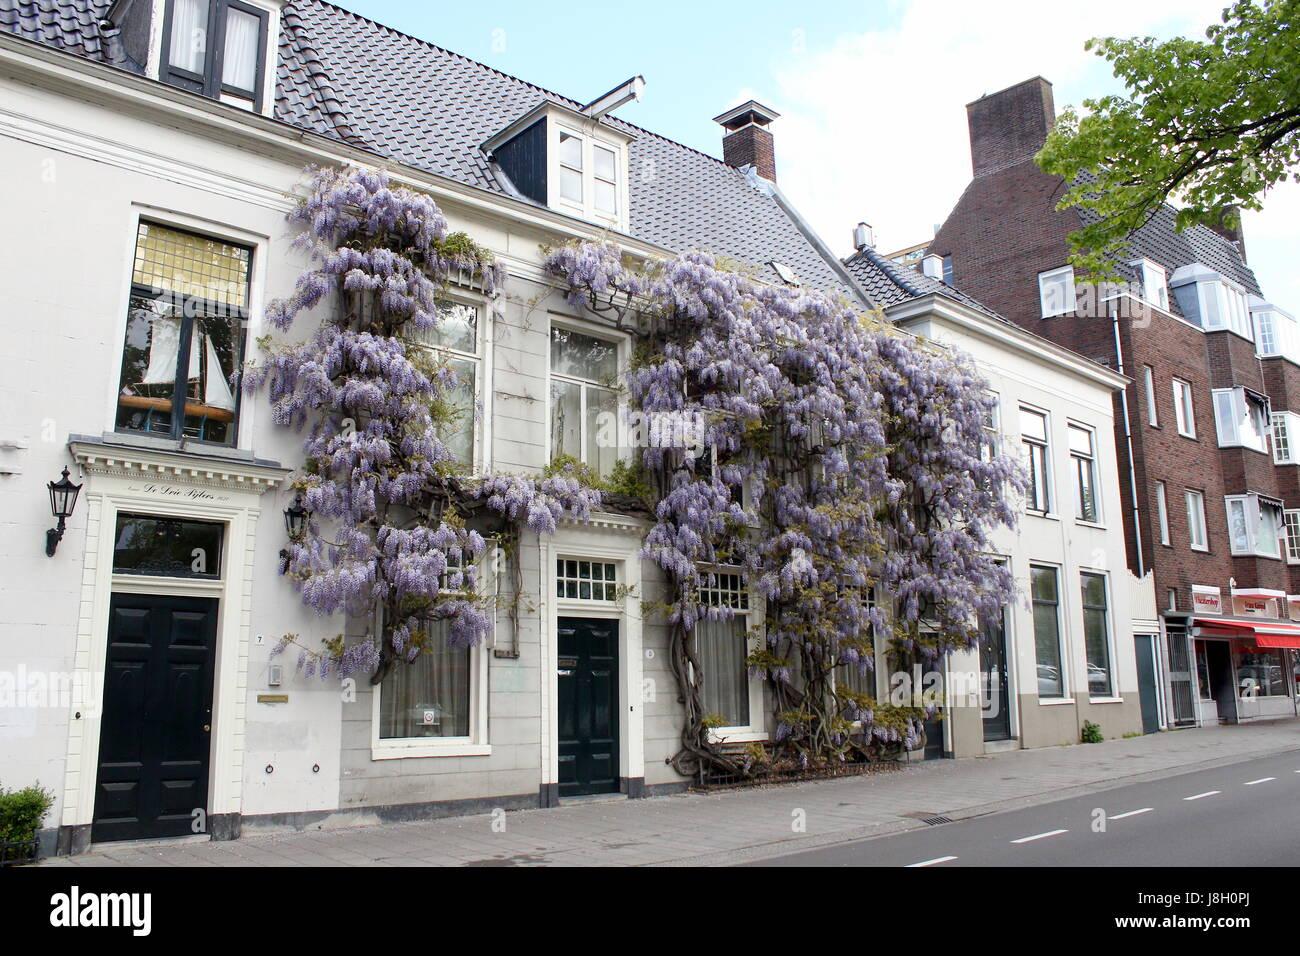 tr s grandes fleurs de glycine dans une maison le long du canal noorderhaven groningen pays. Black Bedroom Furniture Sets. Home Design Ideas